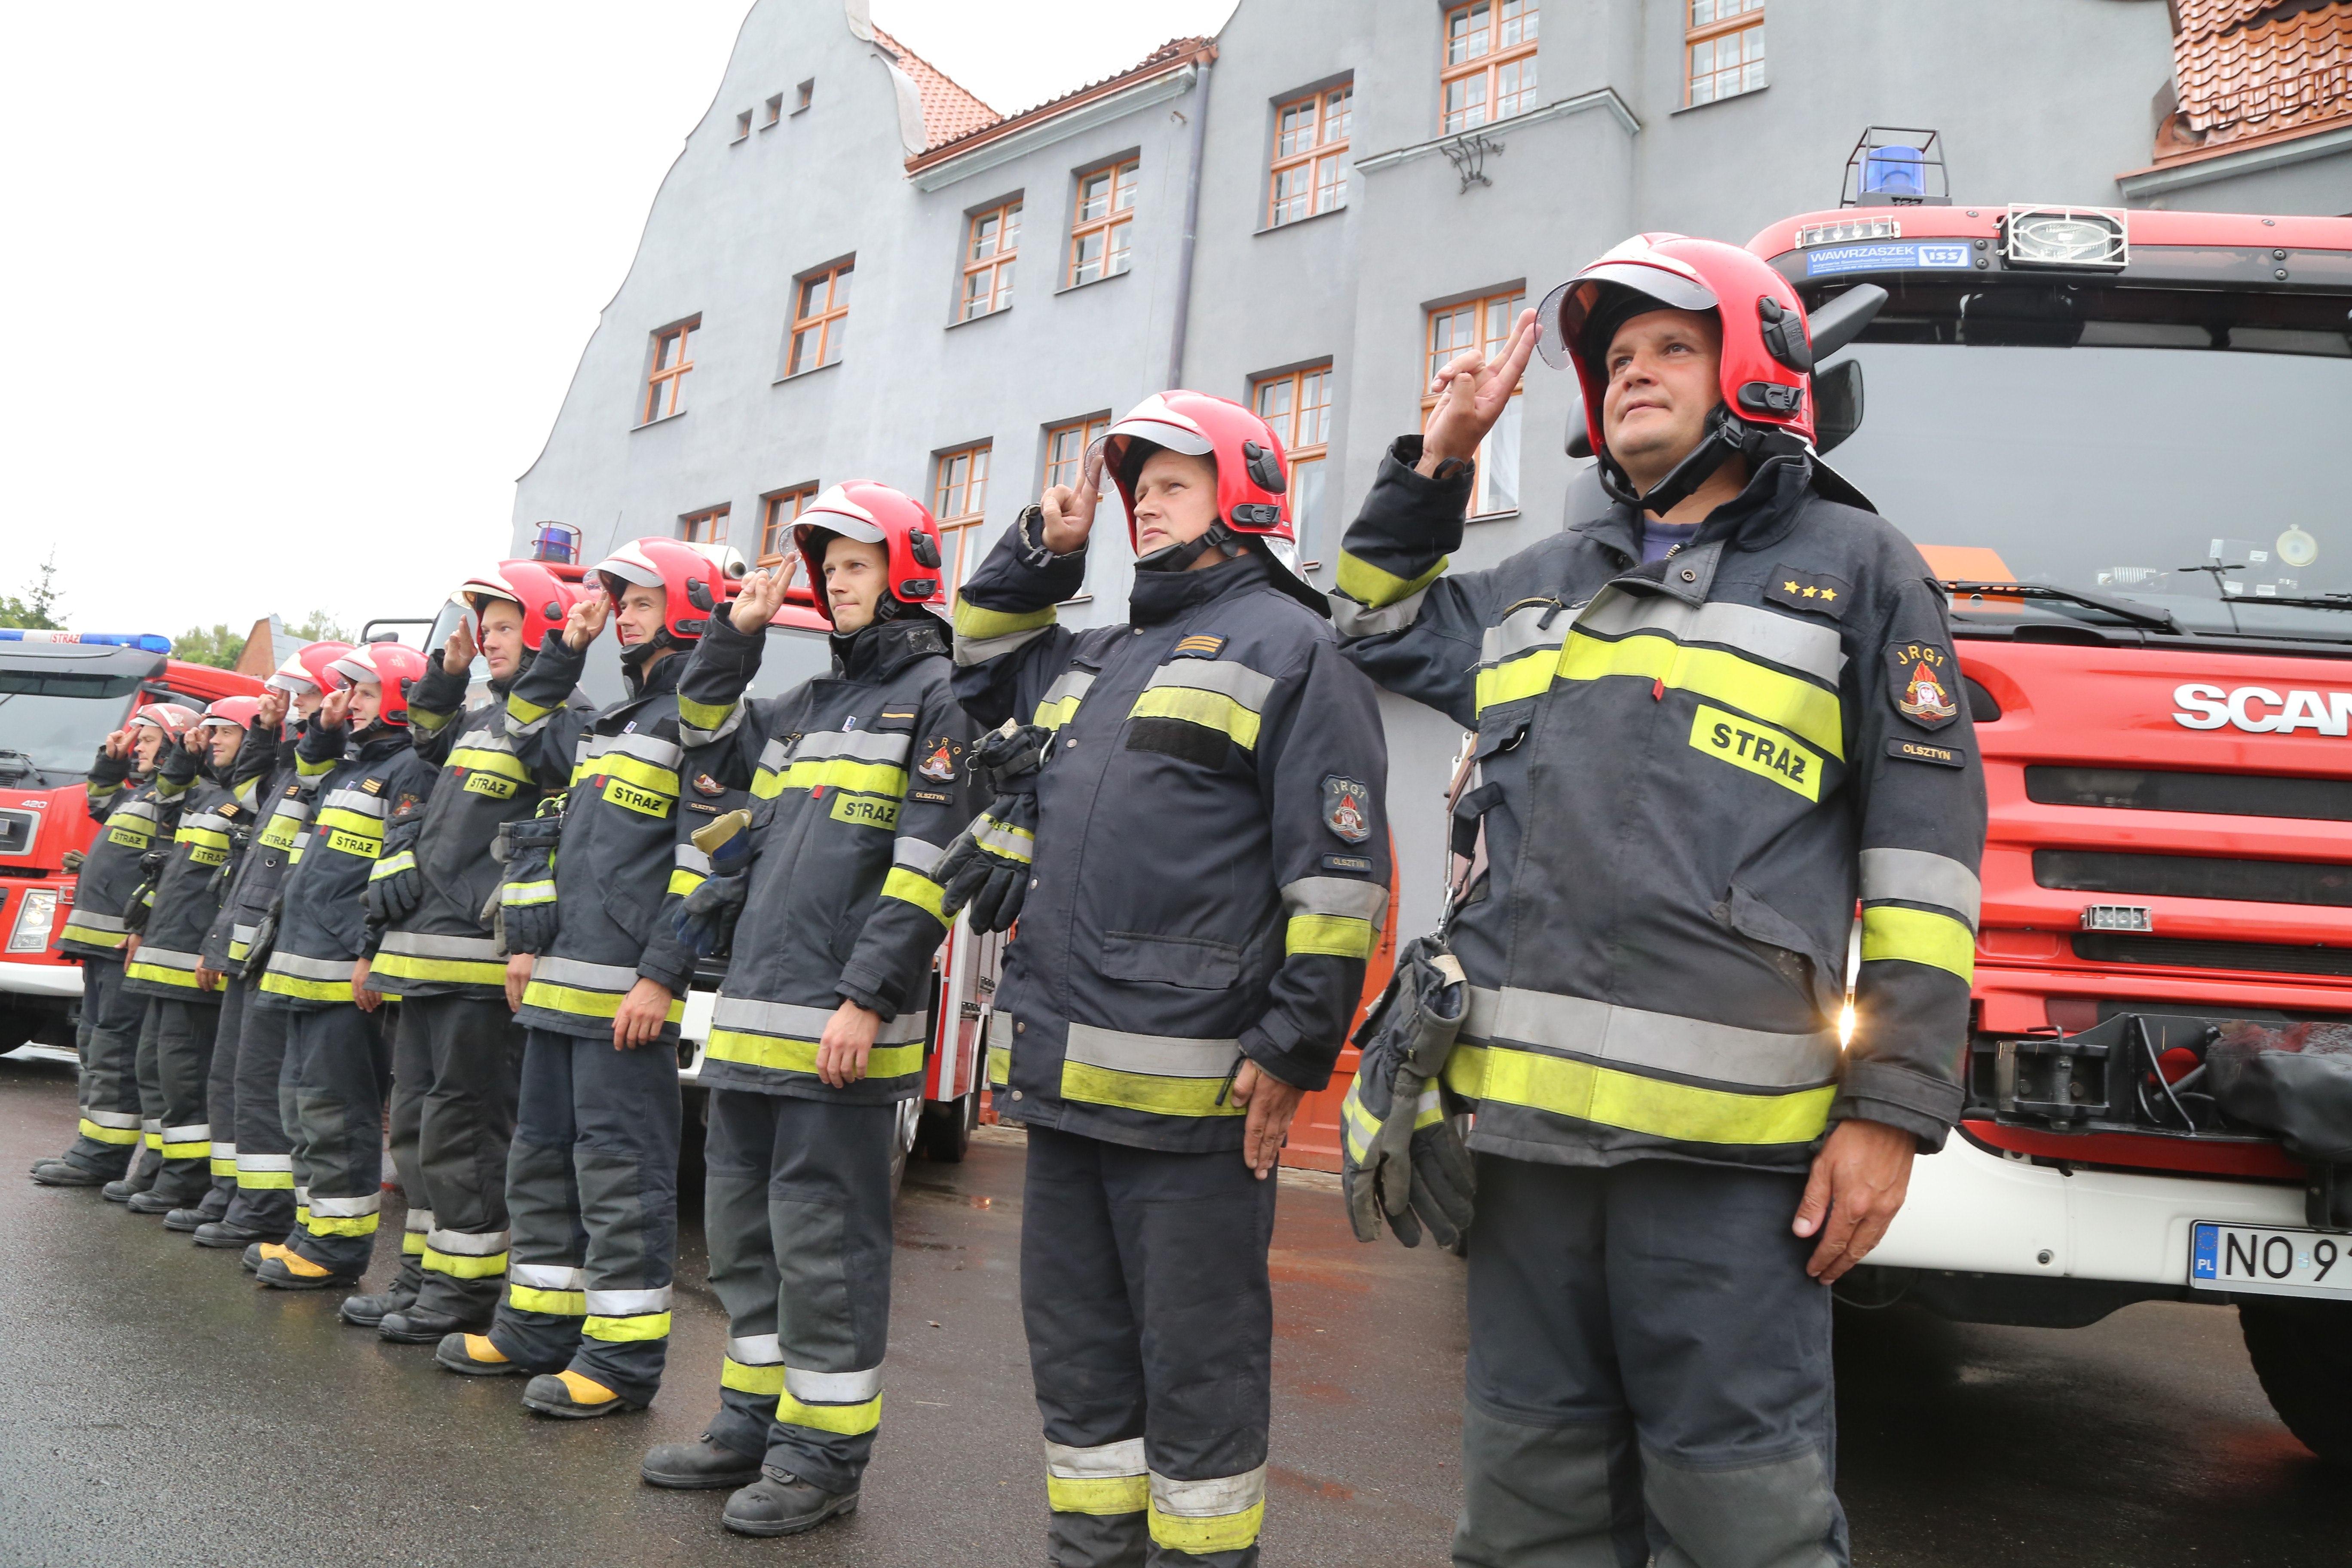 Straż pożarna w Olsztynie ma 70 lat! W sobotę uroczystości i festyn strażacki